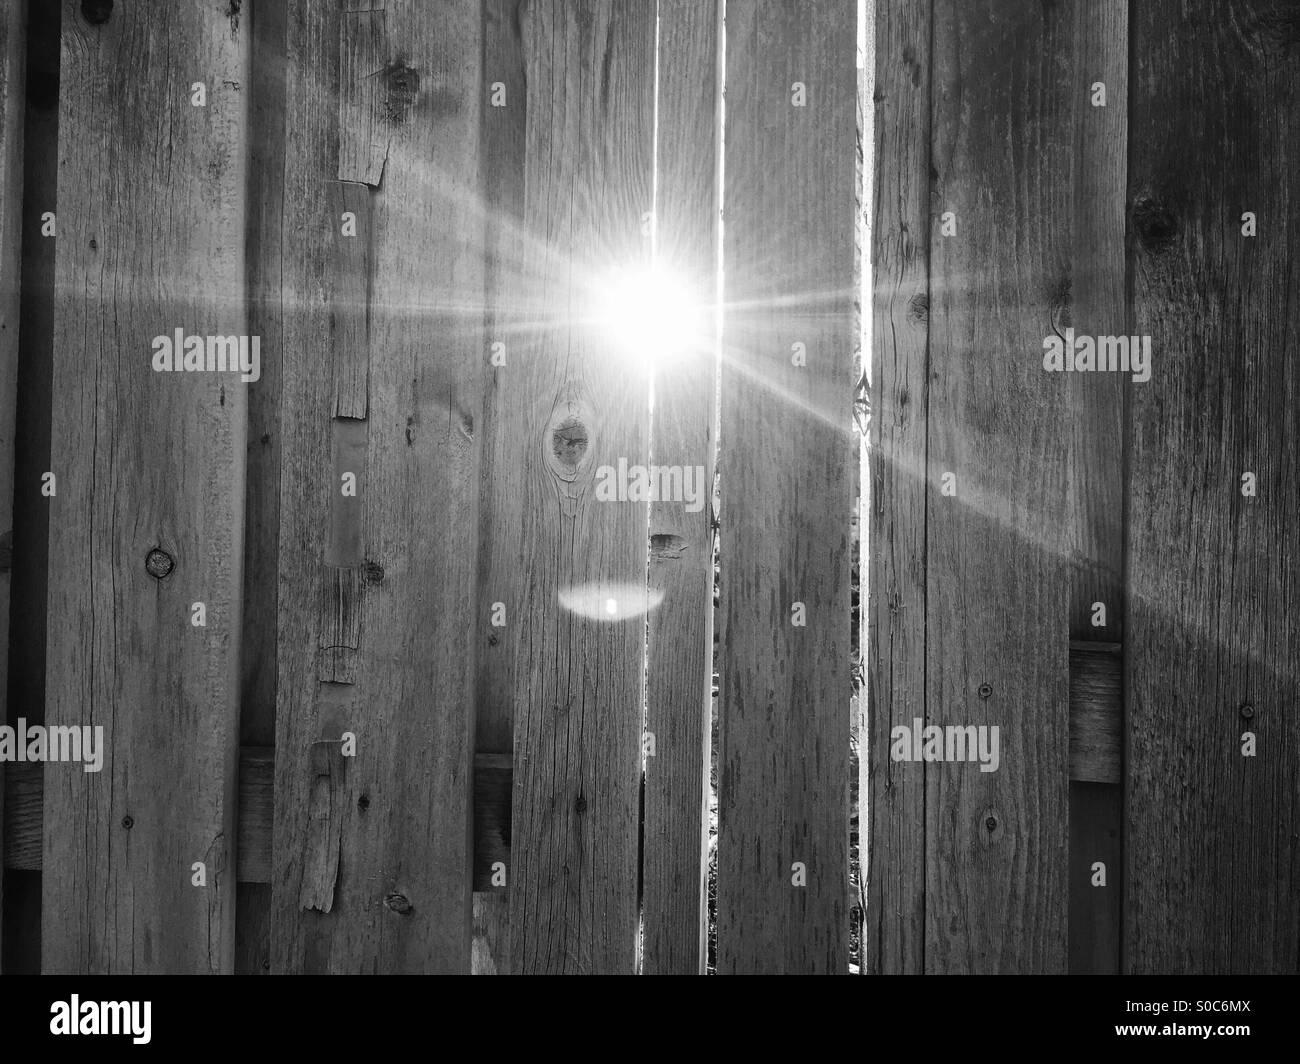 Am Nachmittag hell glänzt durch die Lamellen und Holzzaun am ersten Tag des Frühlings in Salt Lake City, Stockbild